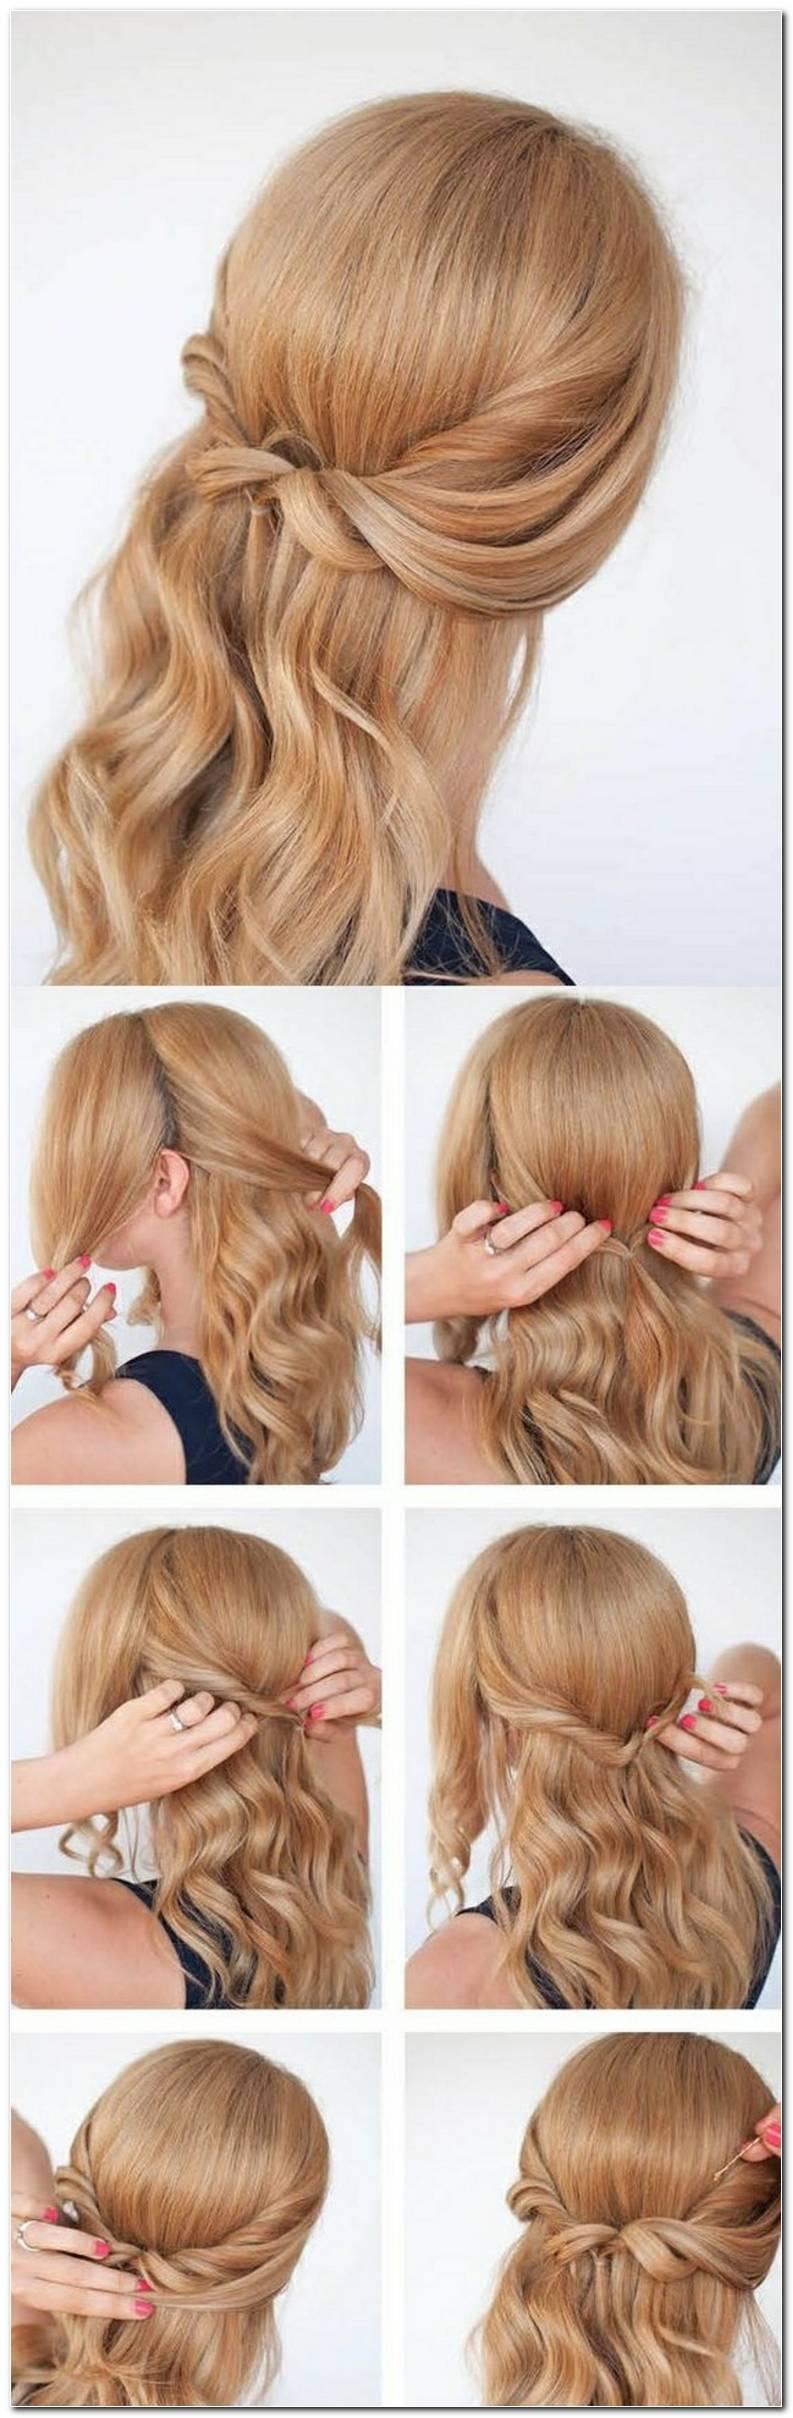 Frisuren Mittellanges Haar Flechten Selber Machen